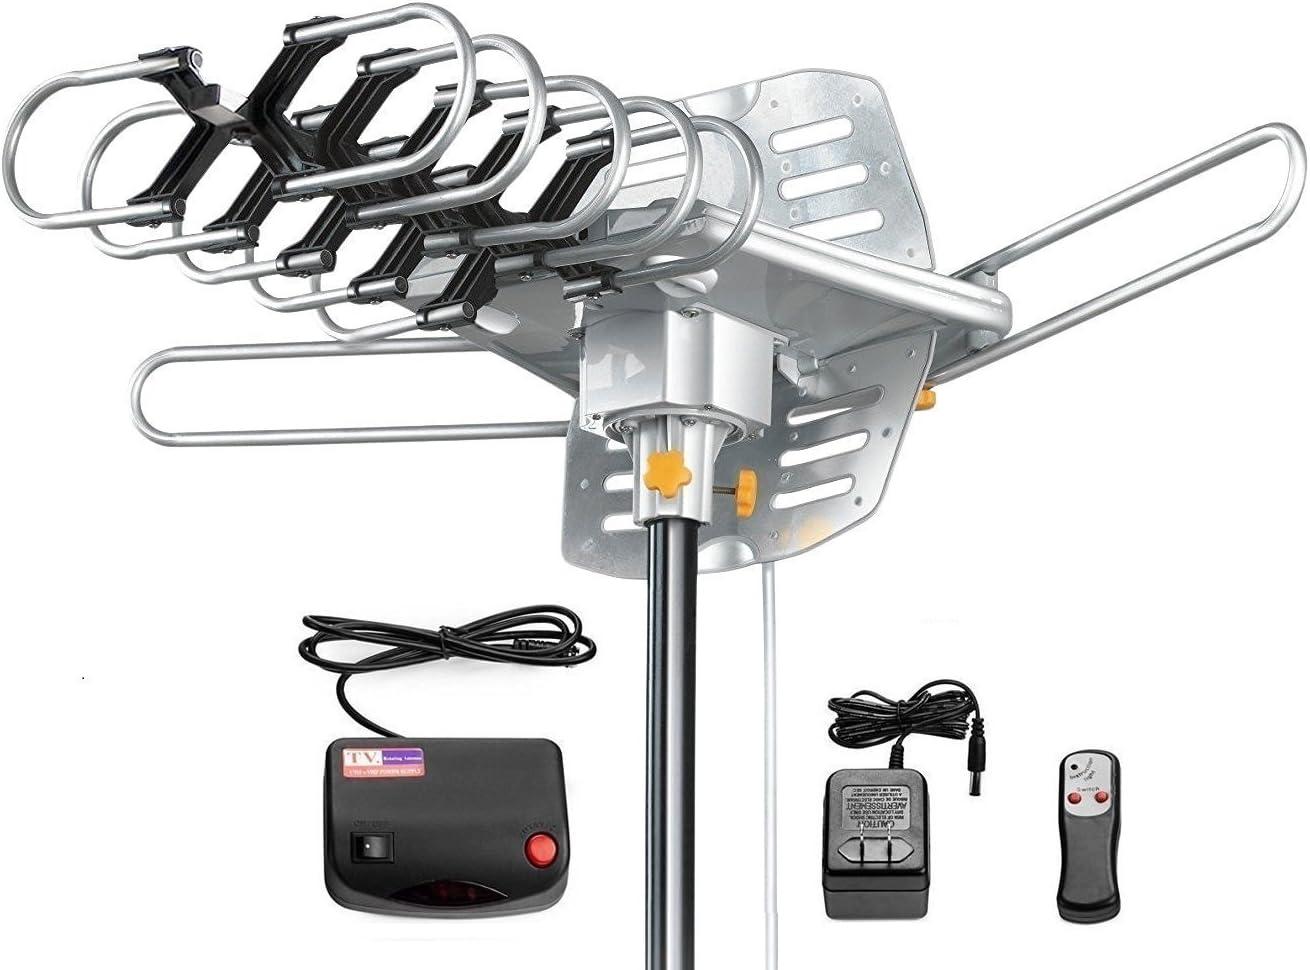 Antenne HD numérique amplifiée HD d'extérieur avec Rotation à 360 degrés motorisée UHF/VHF/FM avec télécommande Infrarouge TNB-WA2608